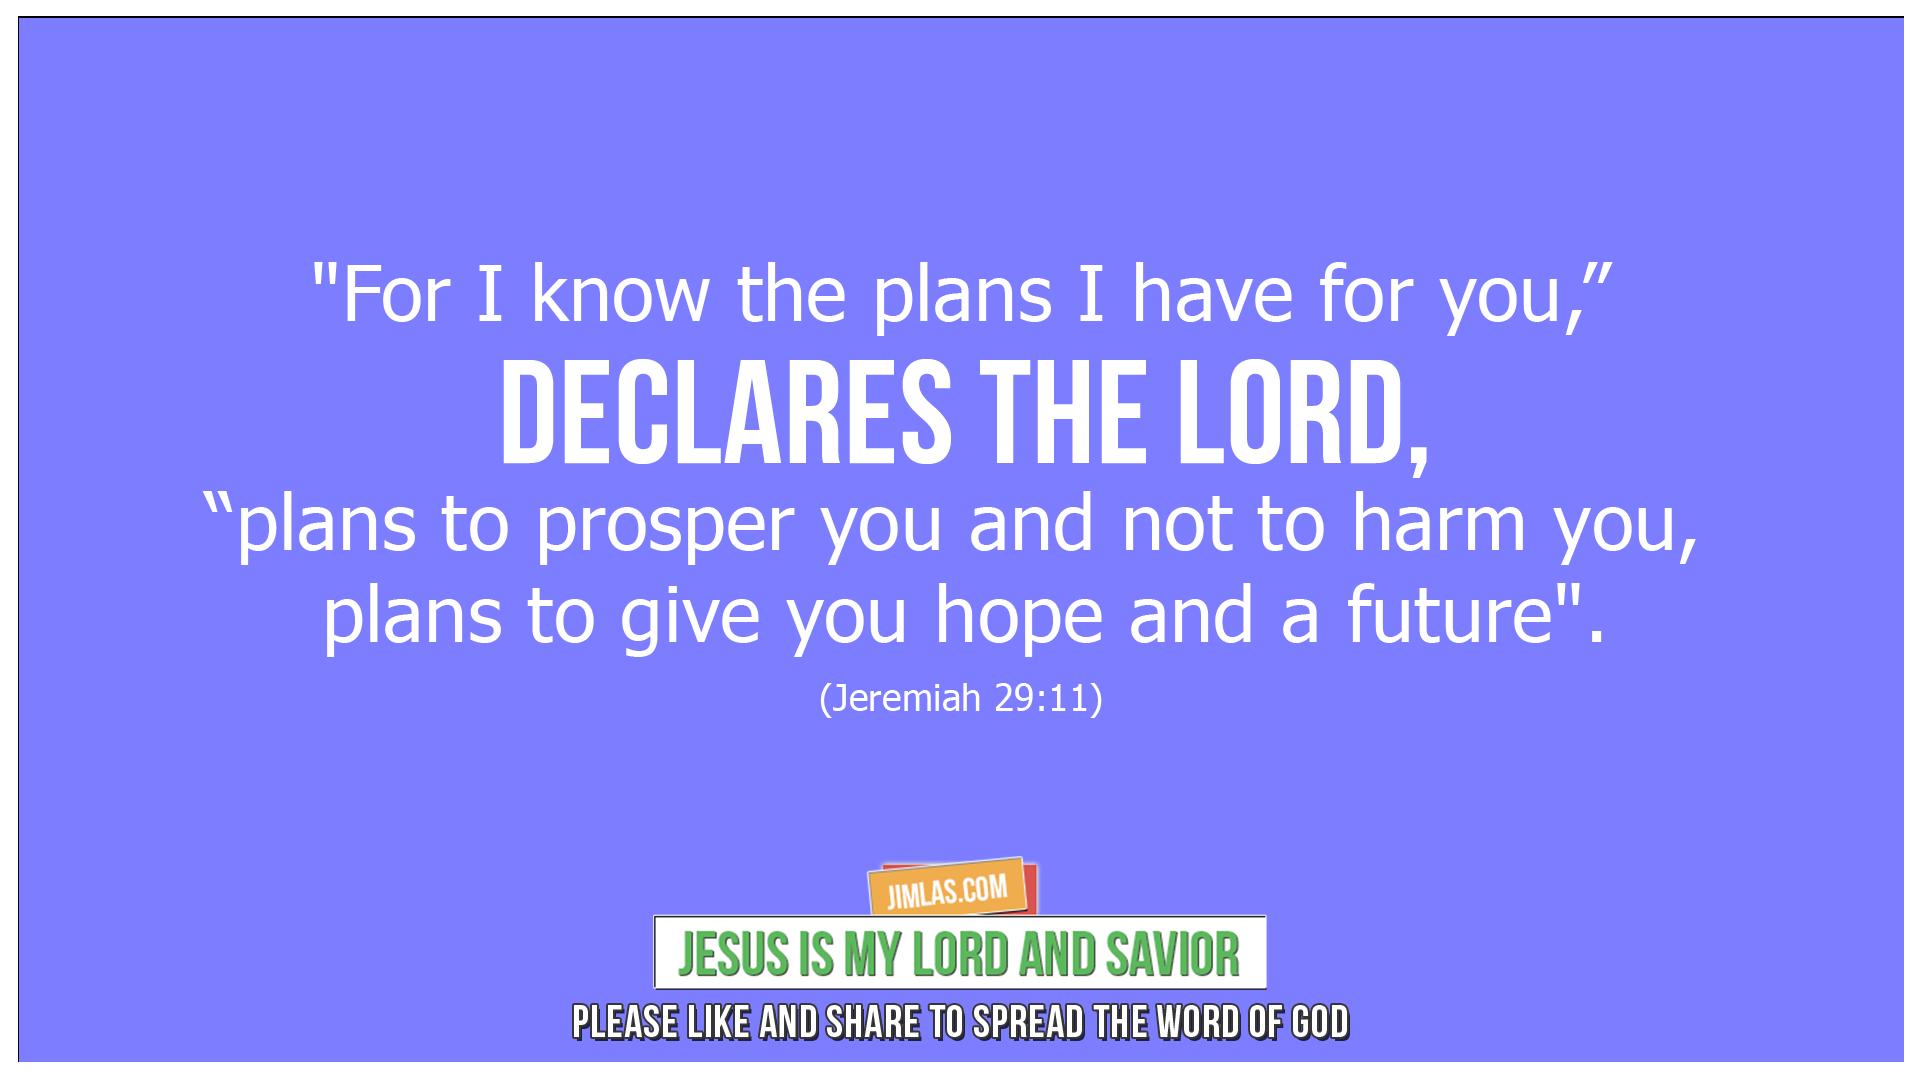 jeremiah 29 11, Jeremiah 29:11